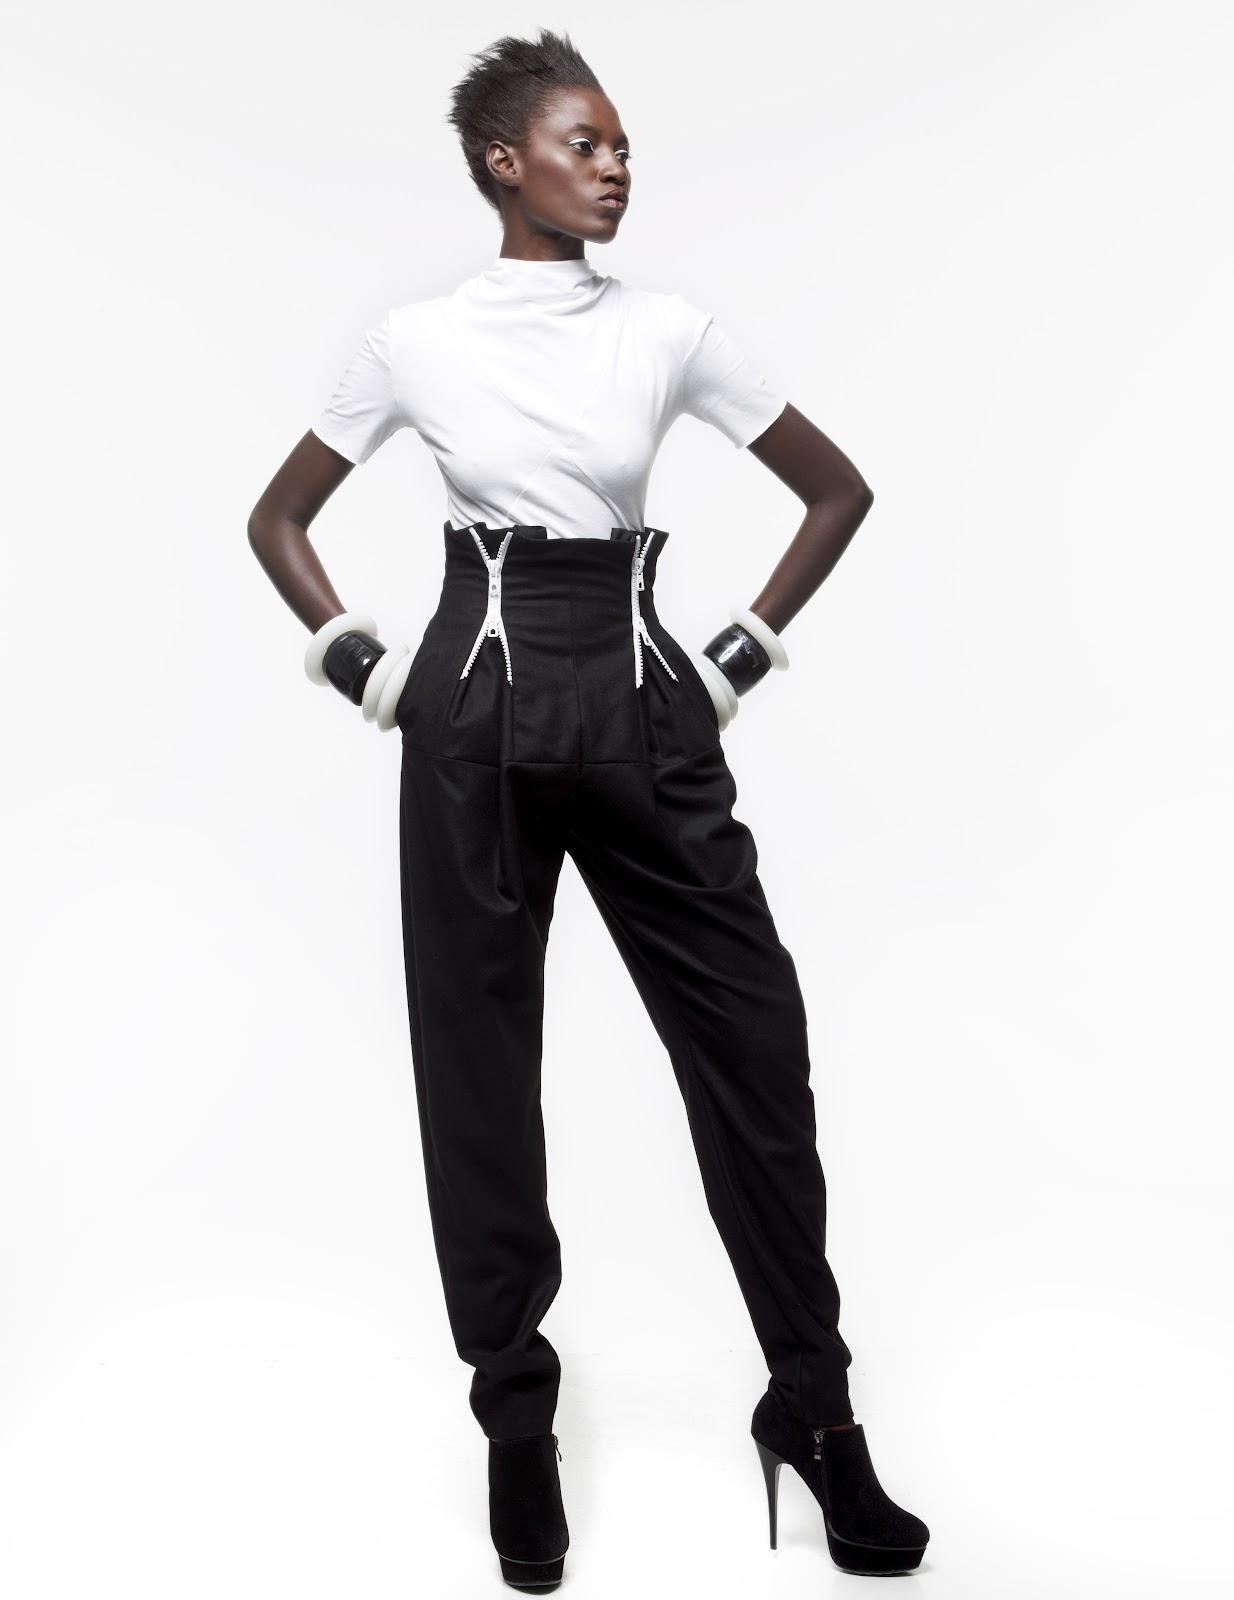 ... anglais The Kills, « Future starts slow » et de l œuvre de l artiste  congolais Bodys Isek Kingelez, qui imagine dans son travail les villes du  futur. 6df1048378d